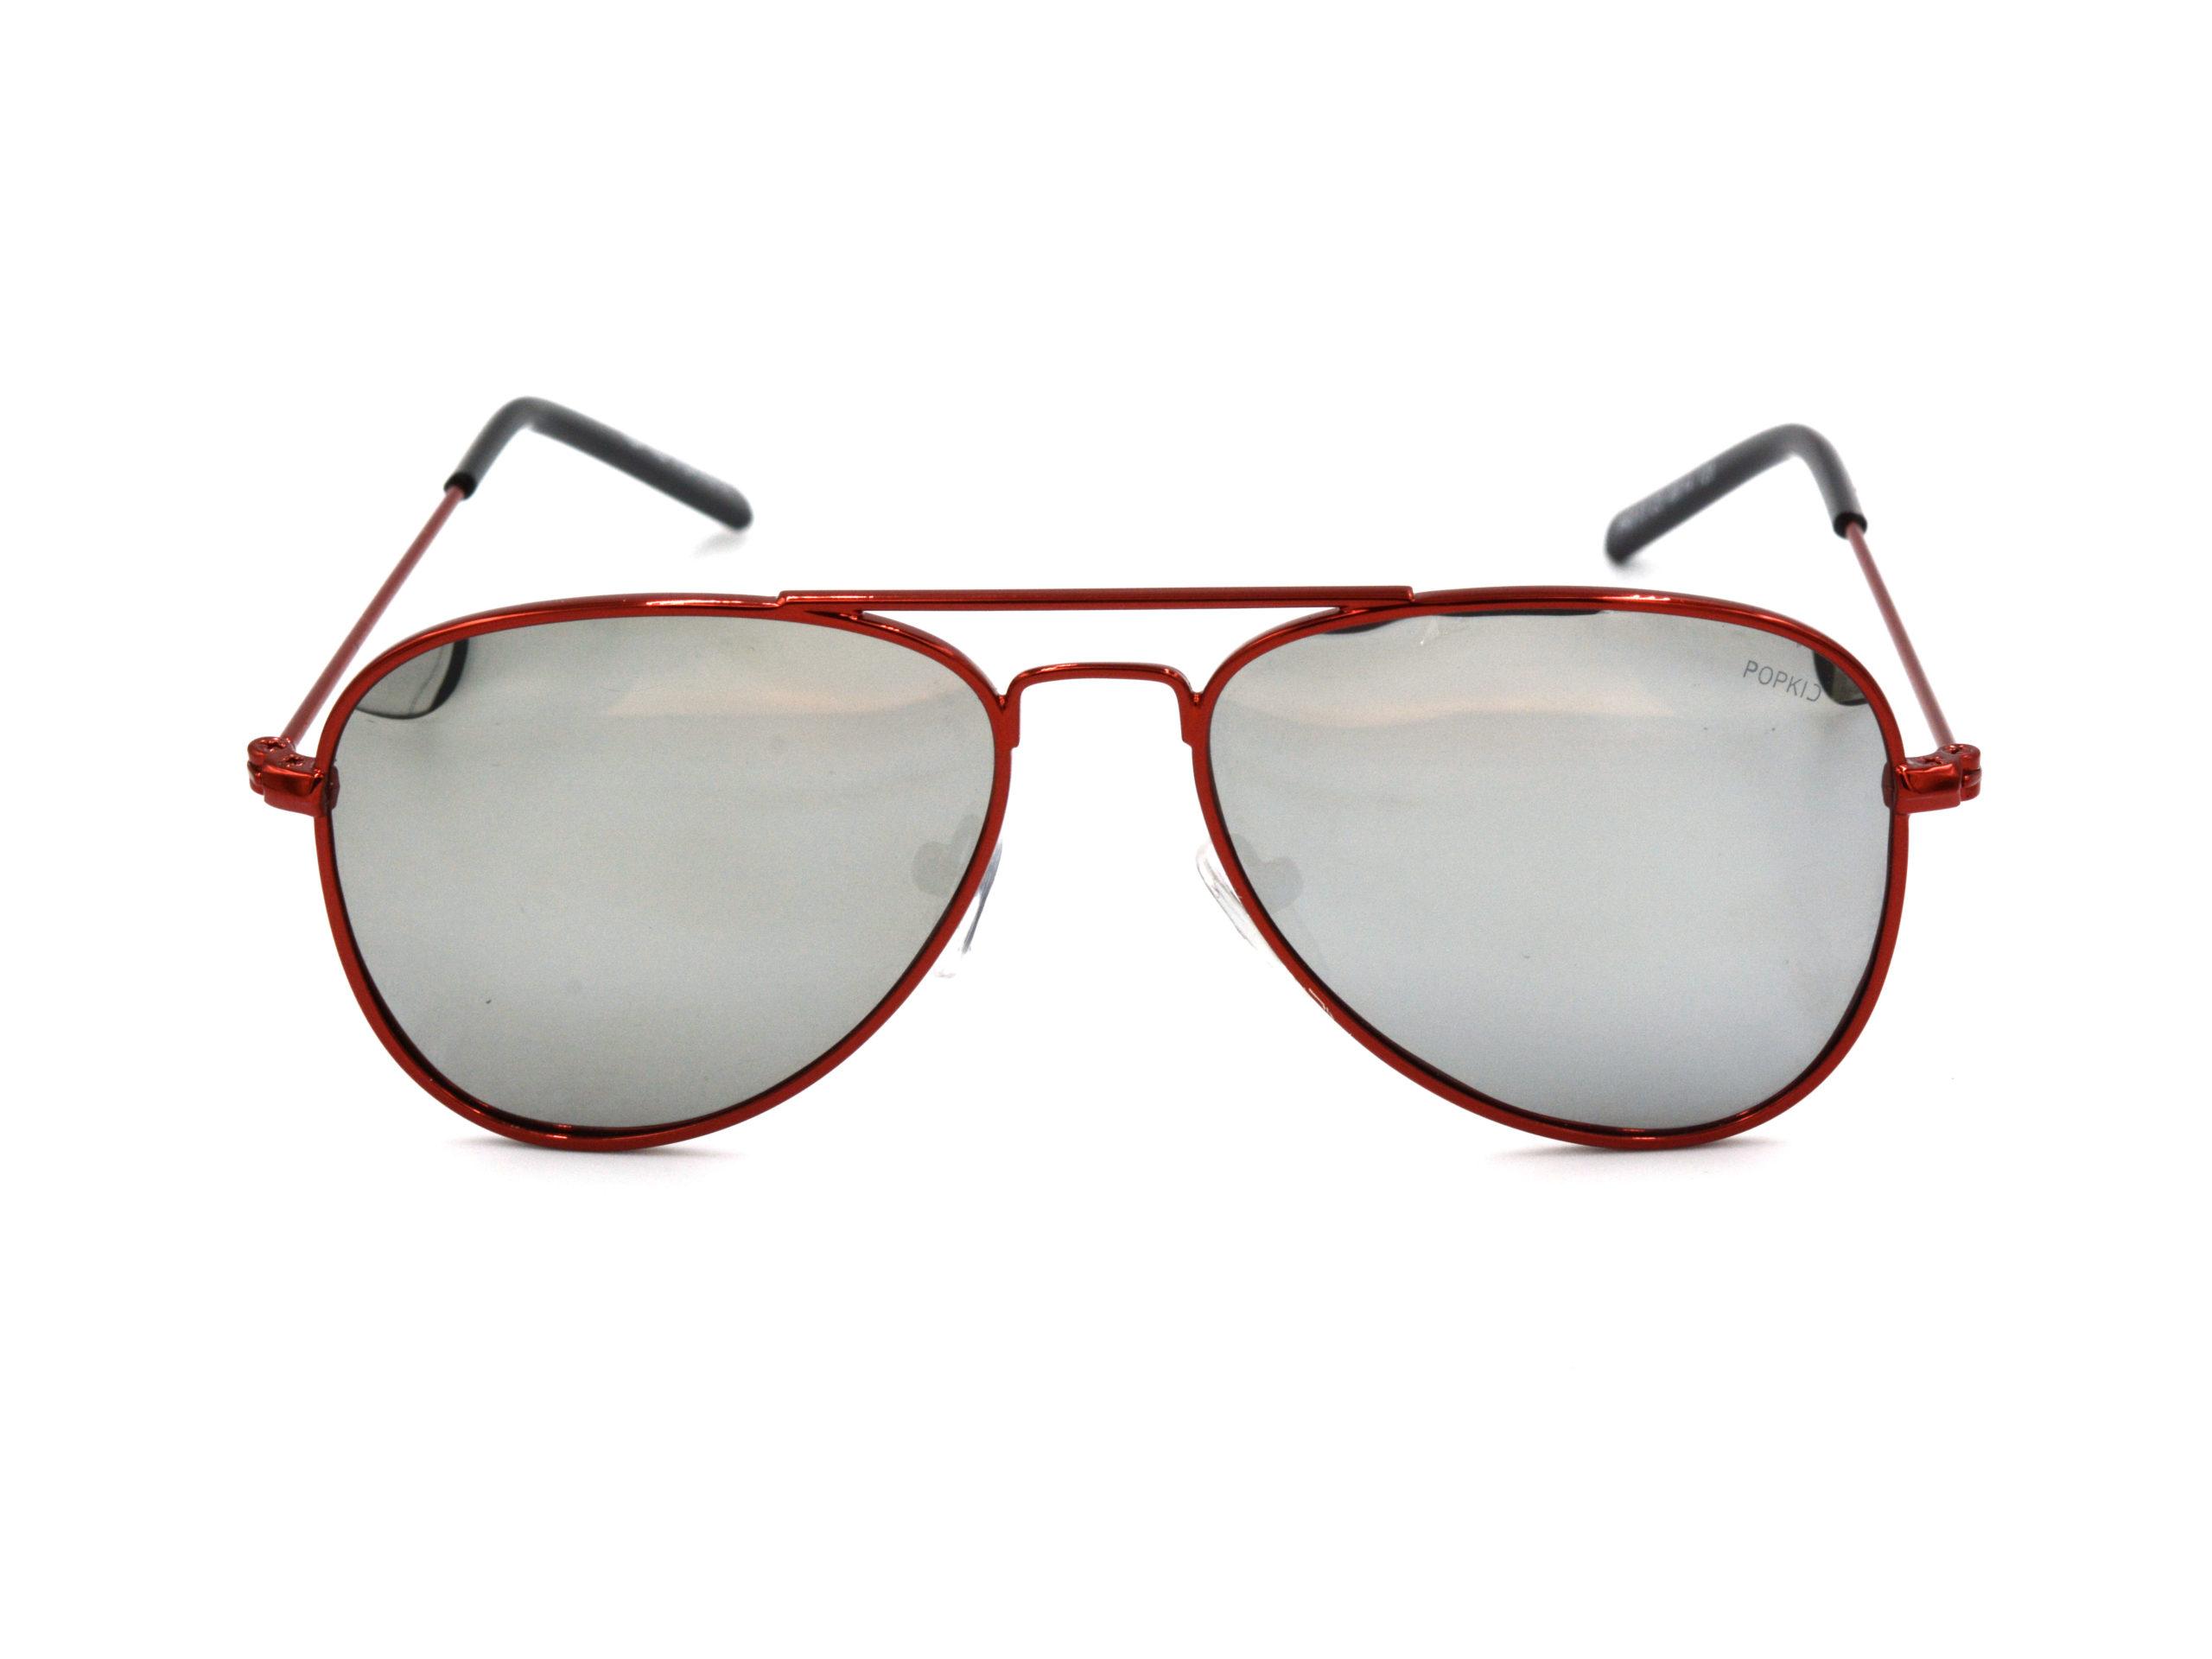 Γυαλιά ηλίου POP KID PK013 C3 49-14-120 Πειραιάς